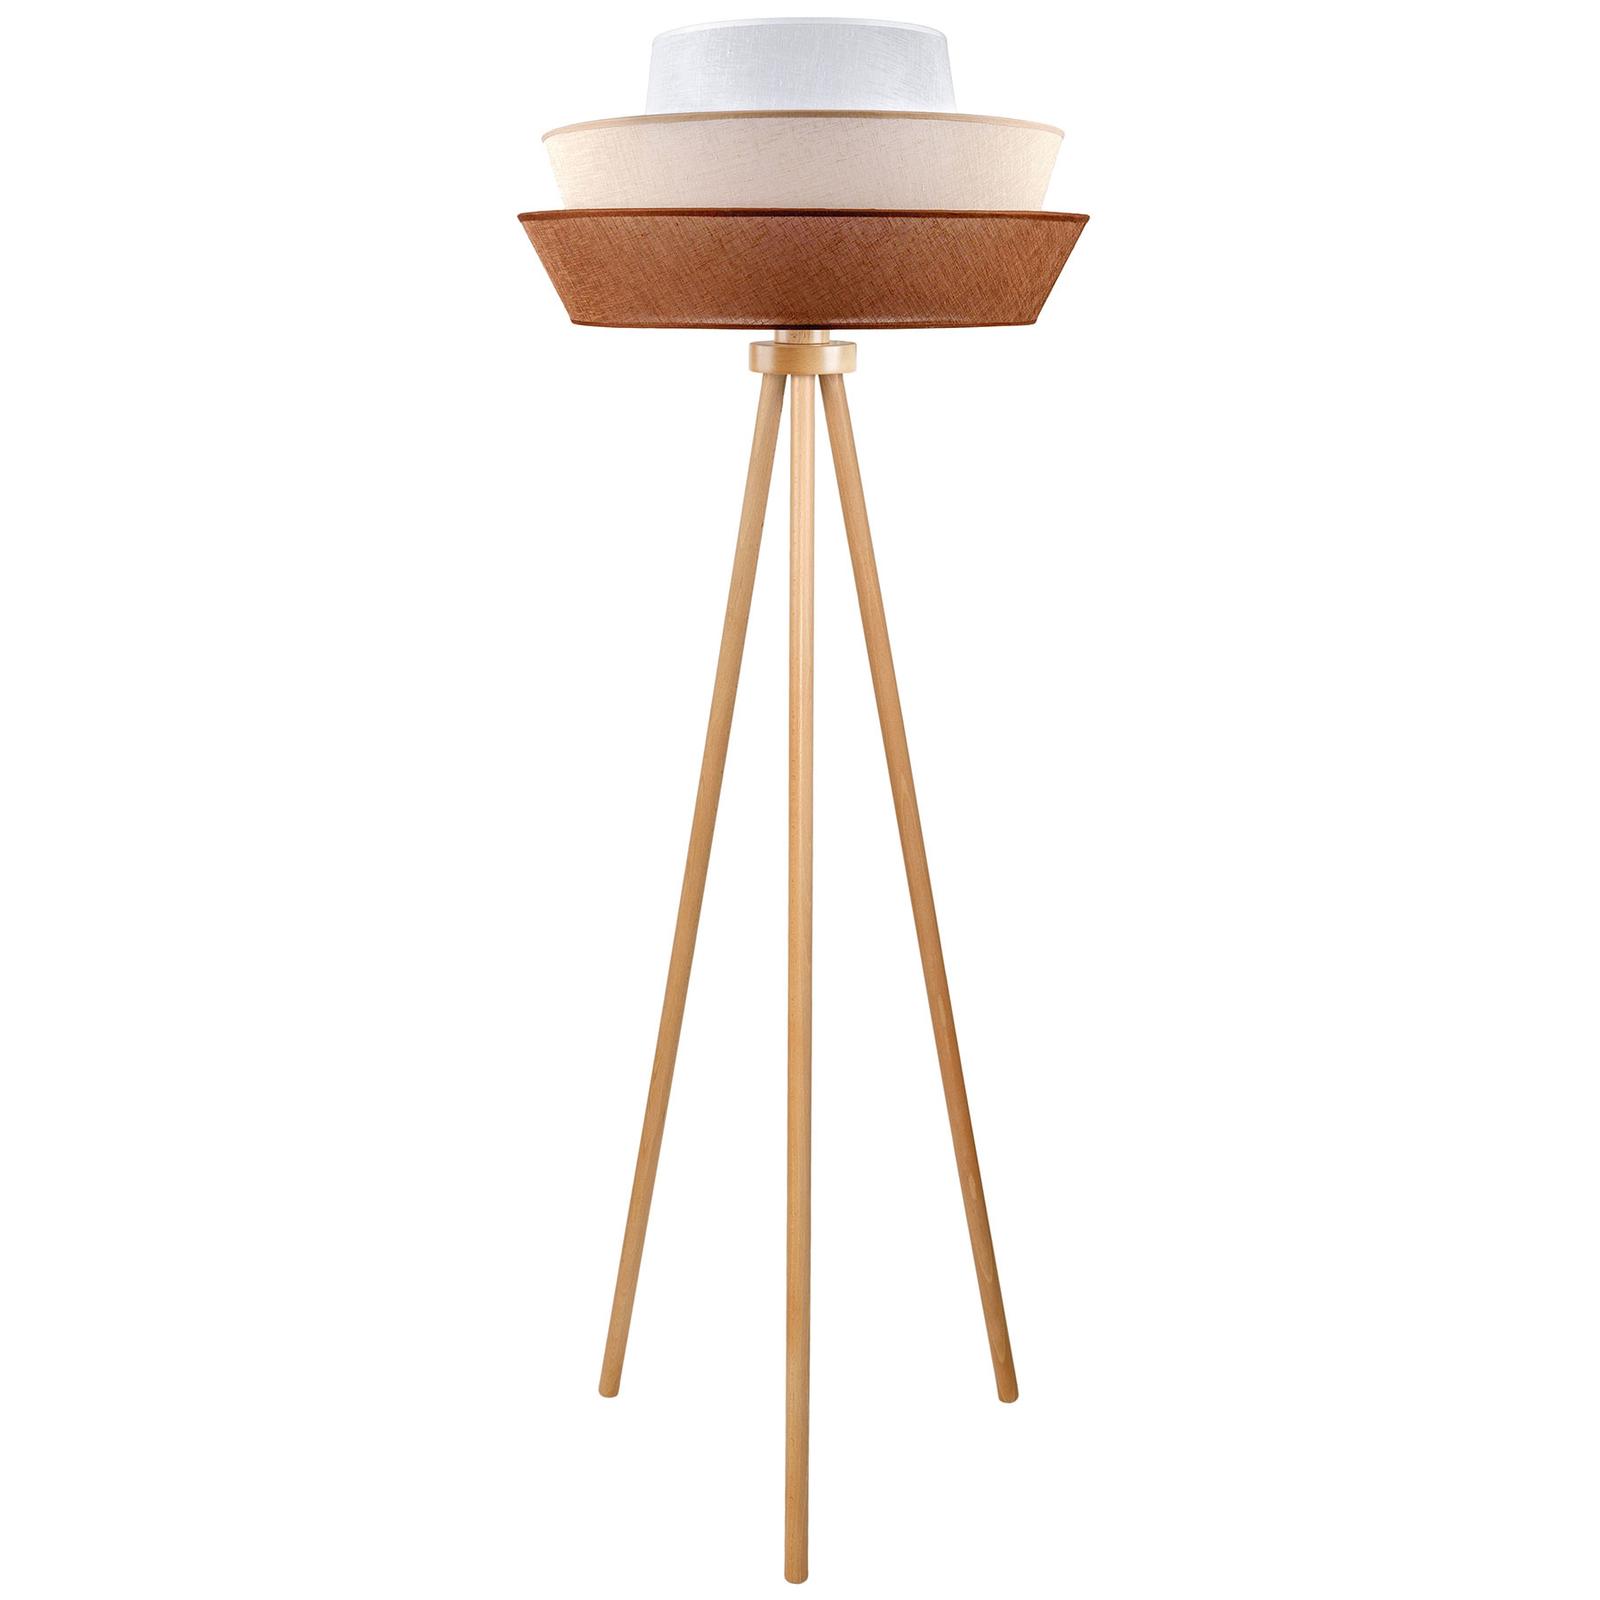 Lotos standerlampe med trefod, brun, beige, hvid